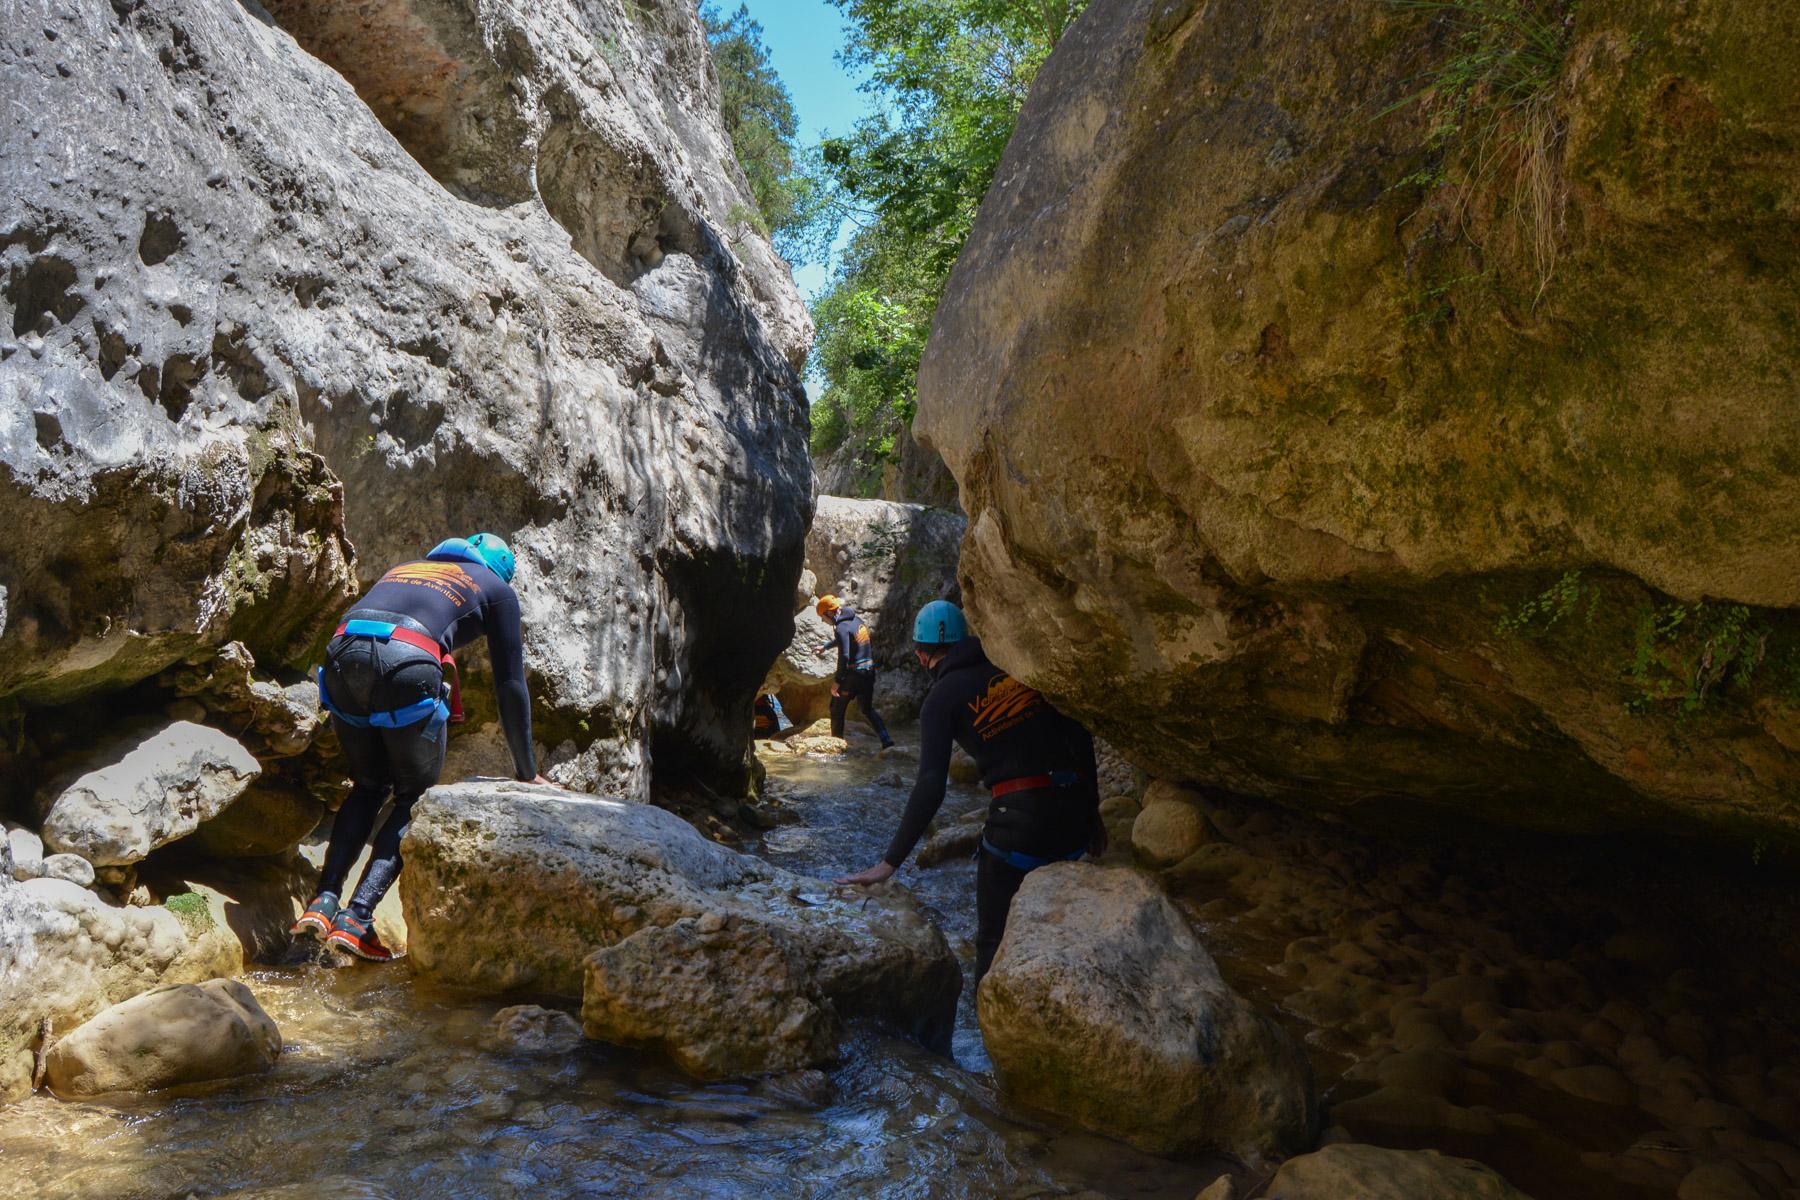 Barranco del Formiga, Sierra de Guara 15